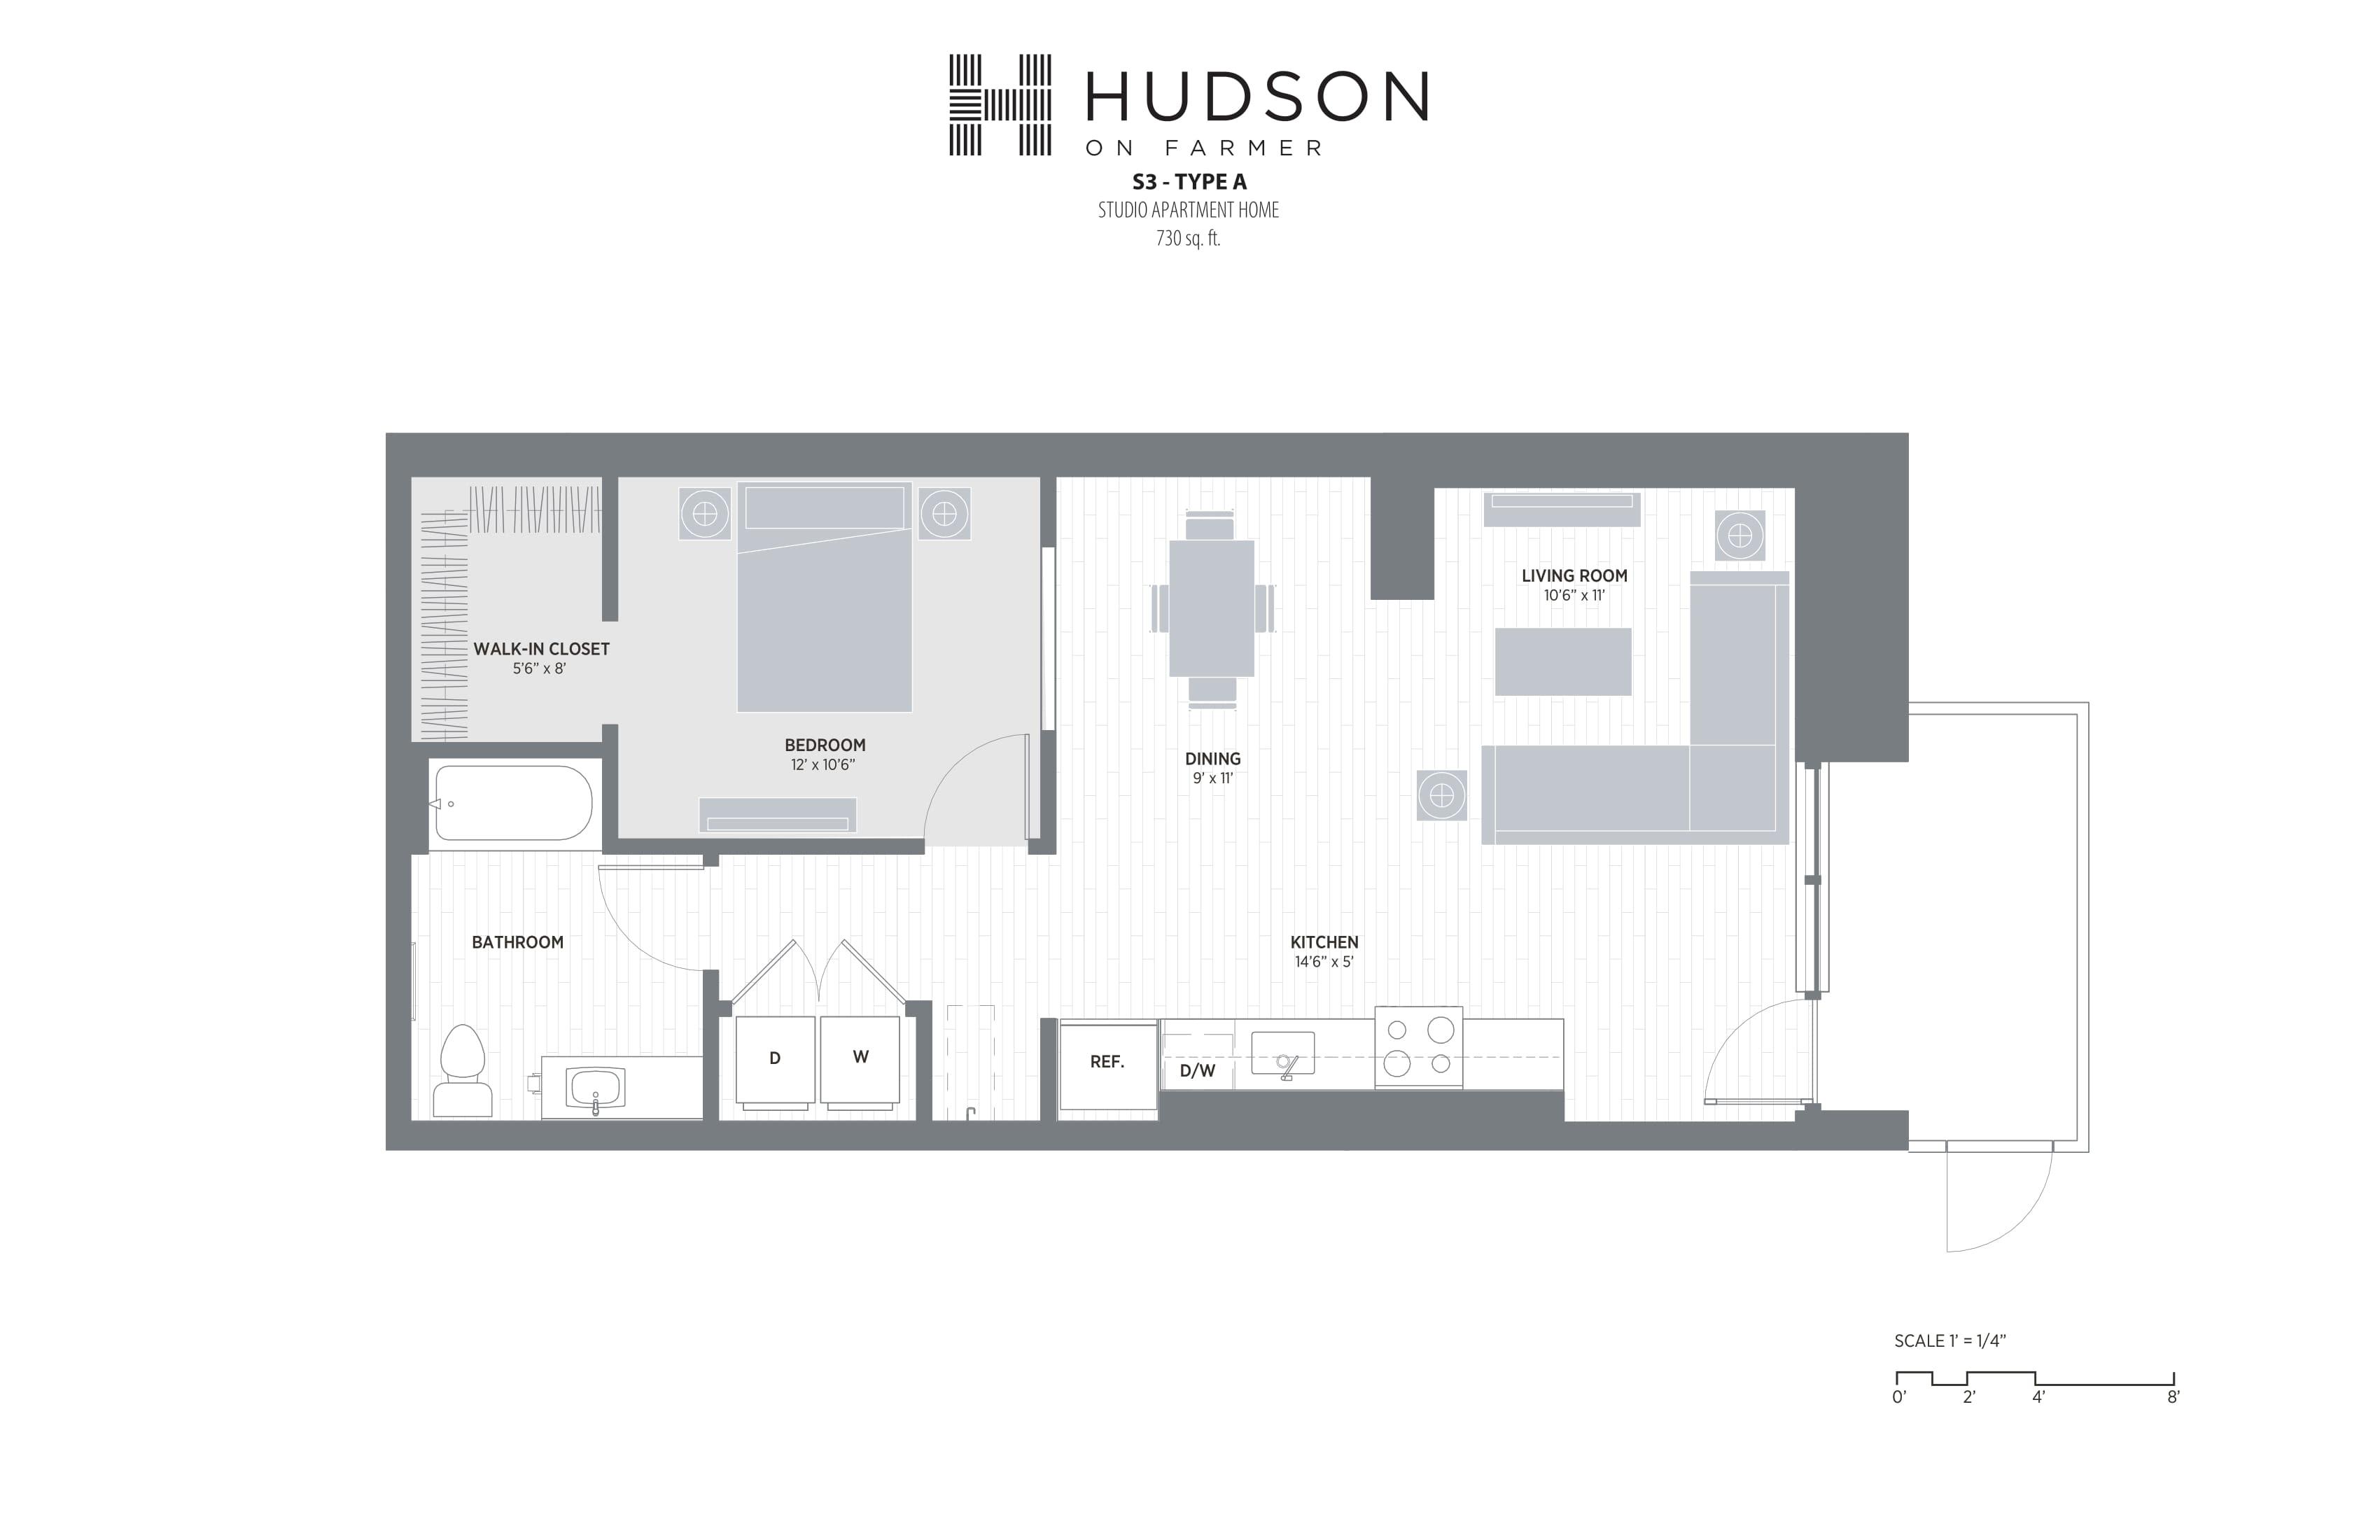 S3 floor plan image